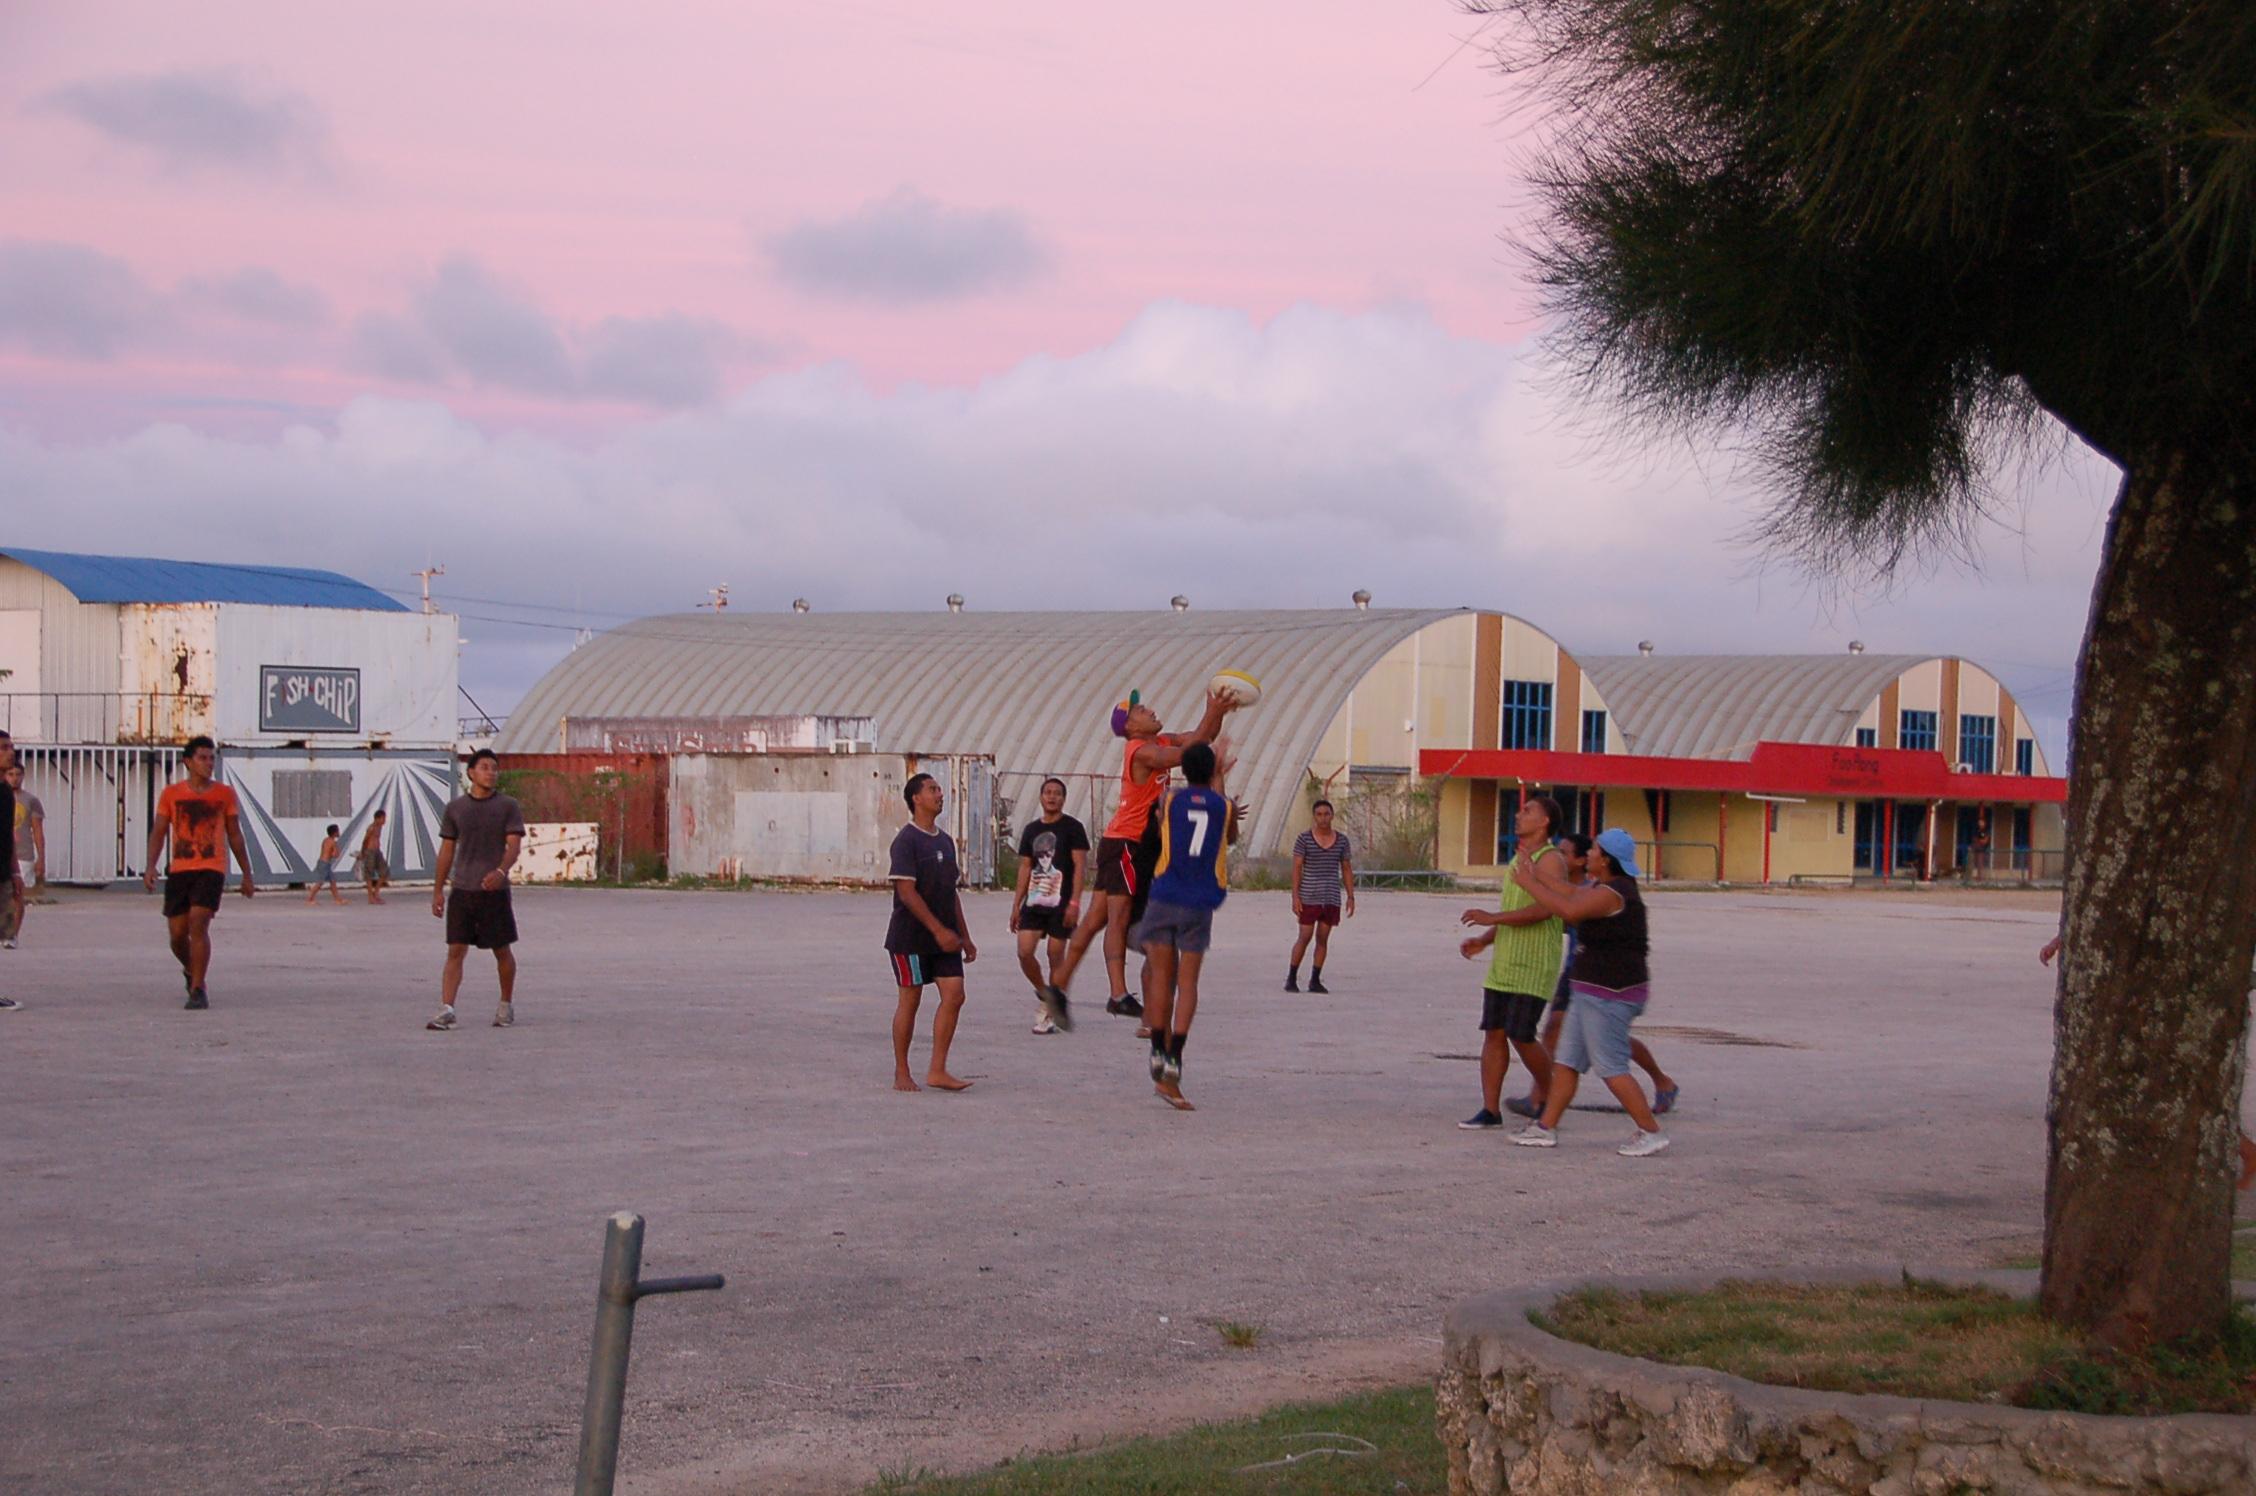 Twilight Rugby in Nuku'alofa, Tonga